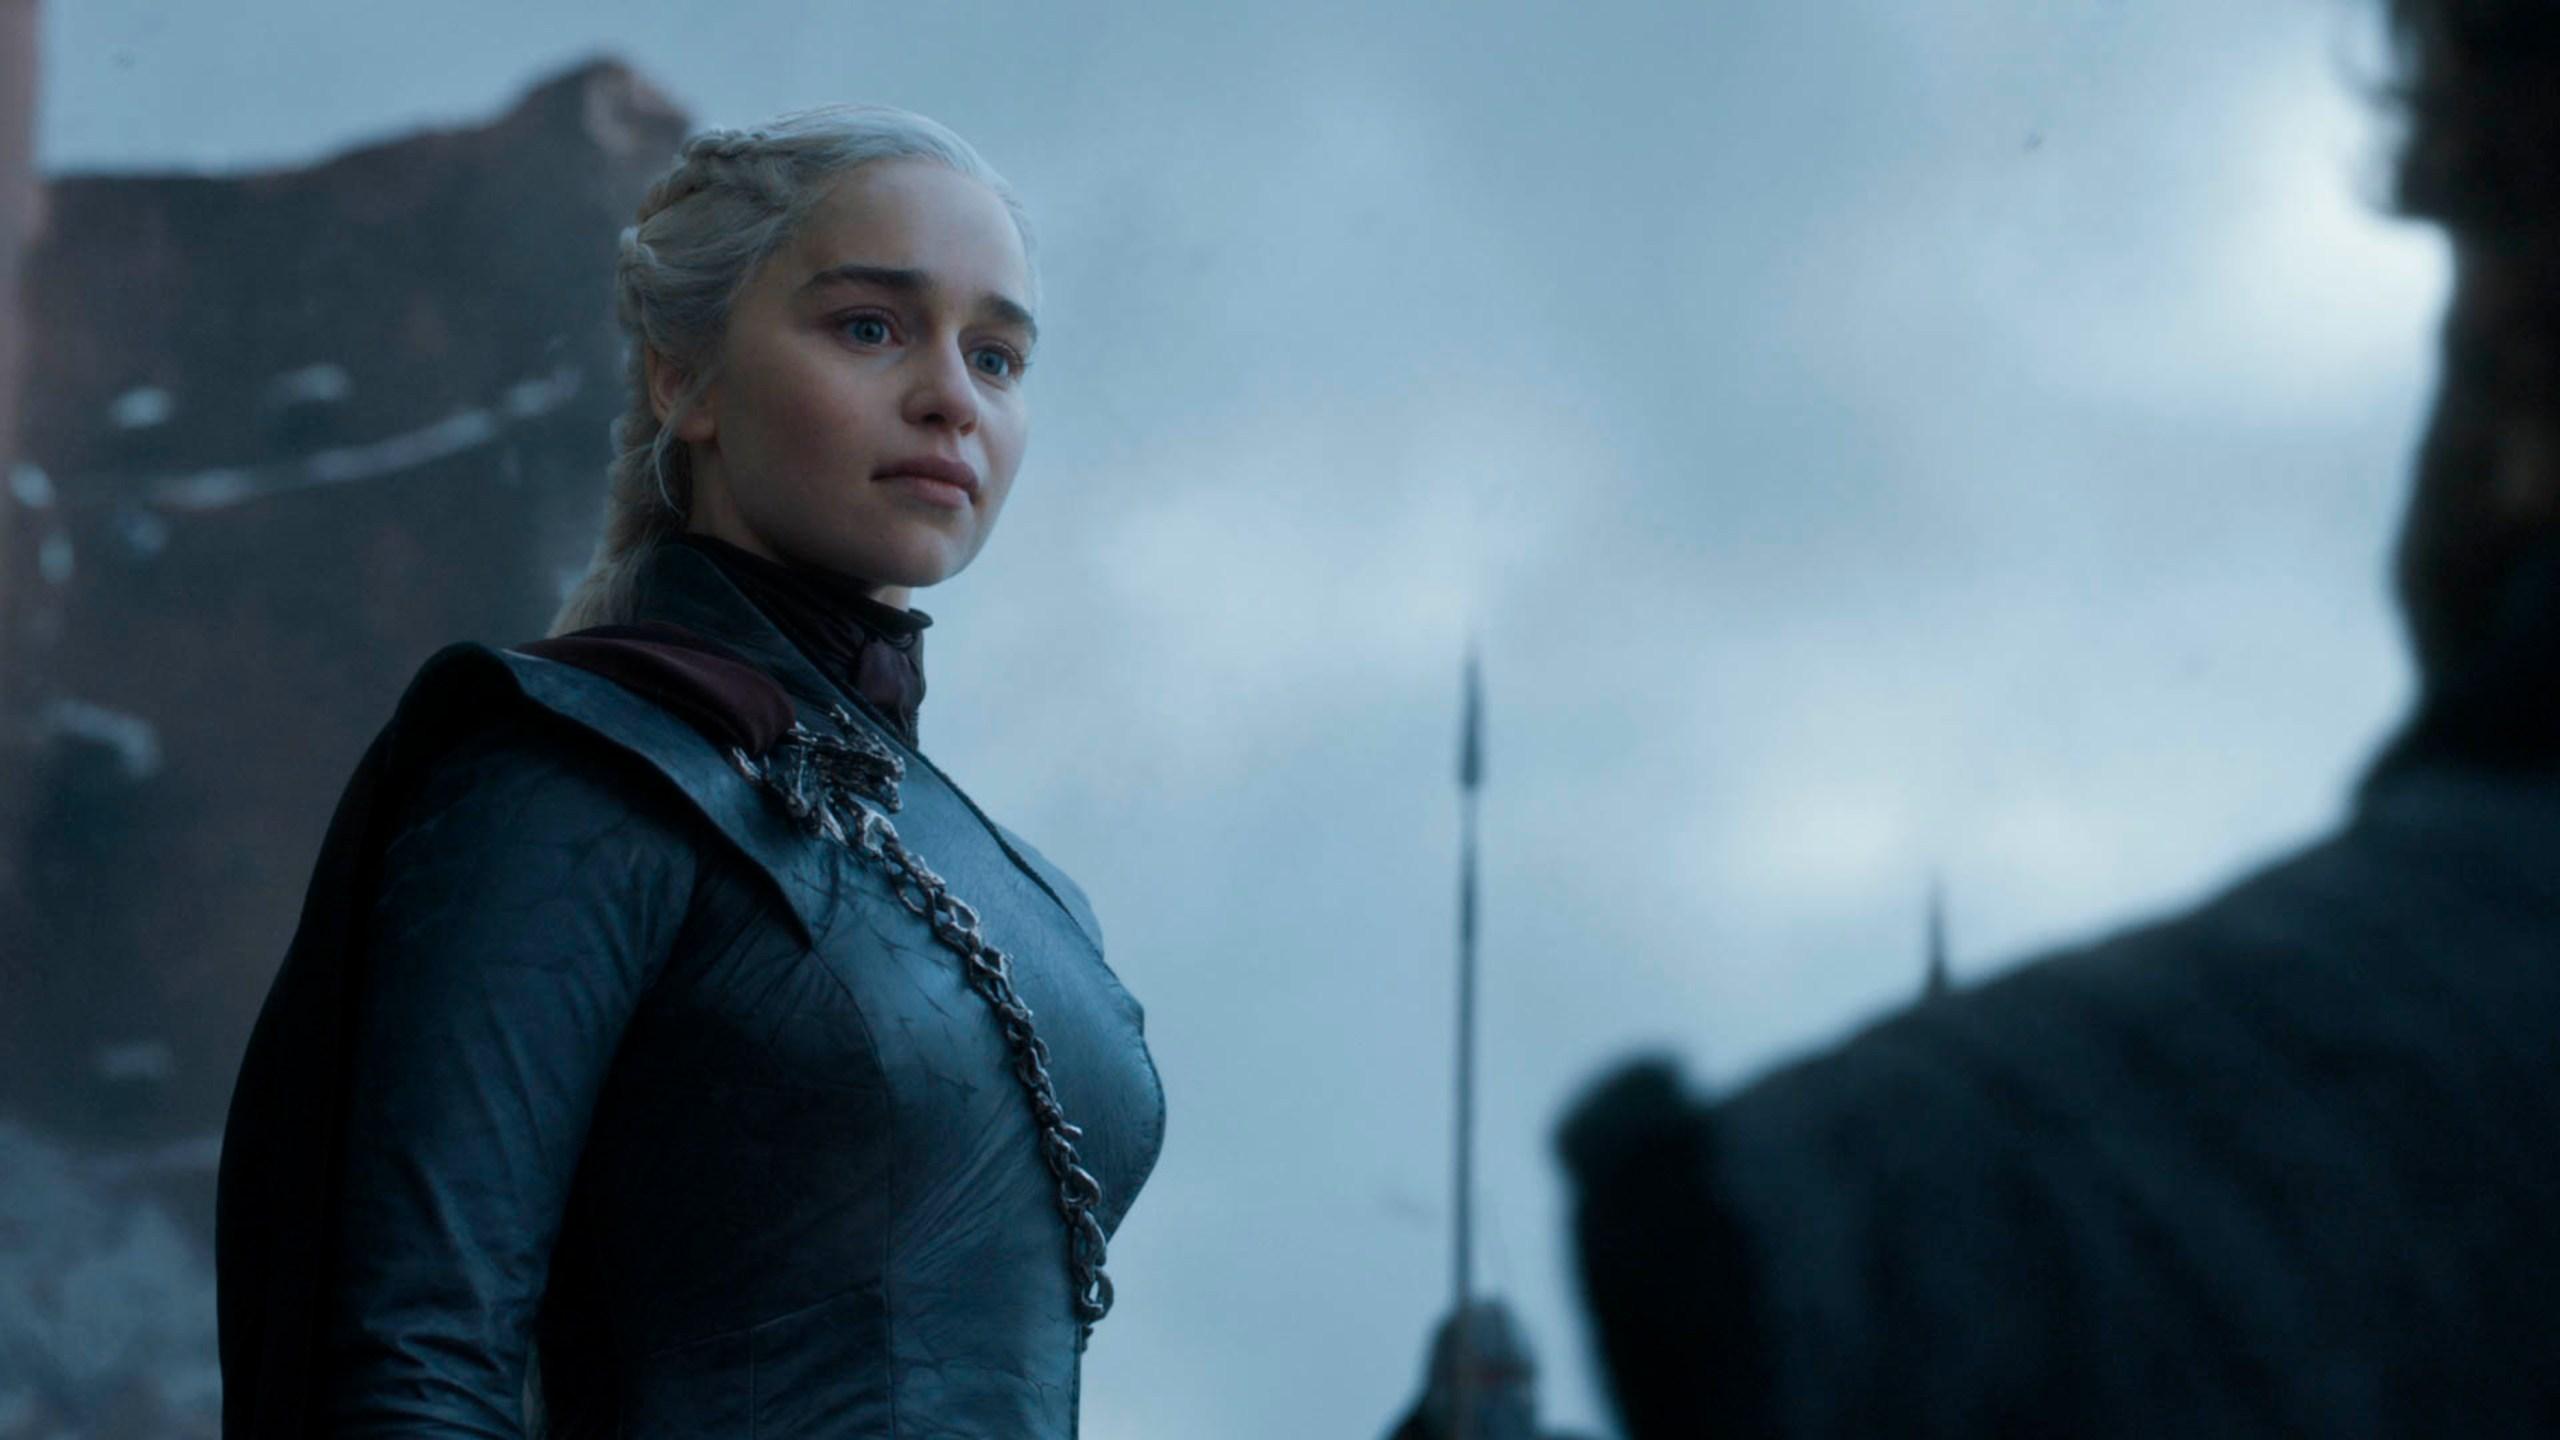 Game_of_Thrones-Finale_34790-159532.jpg47562588